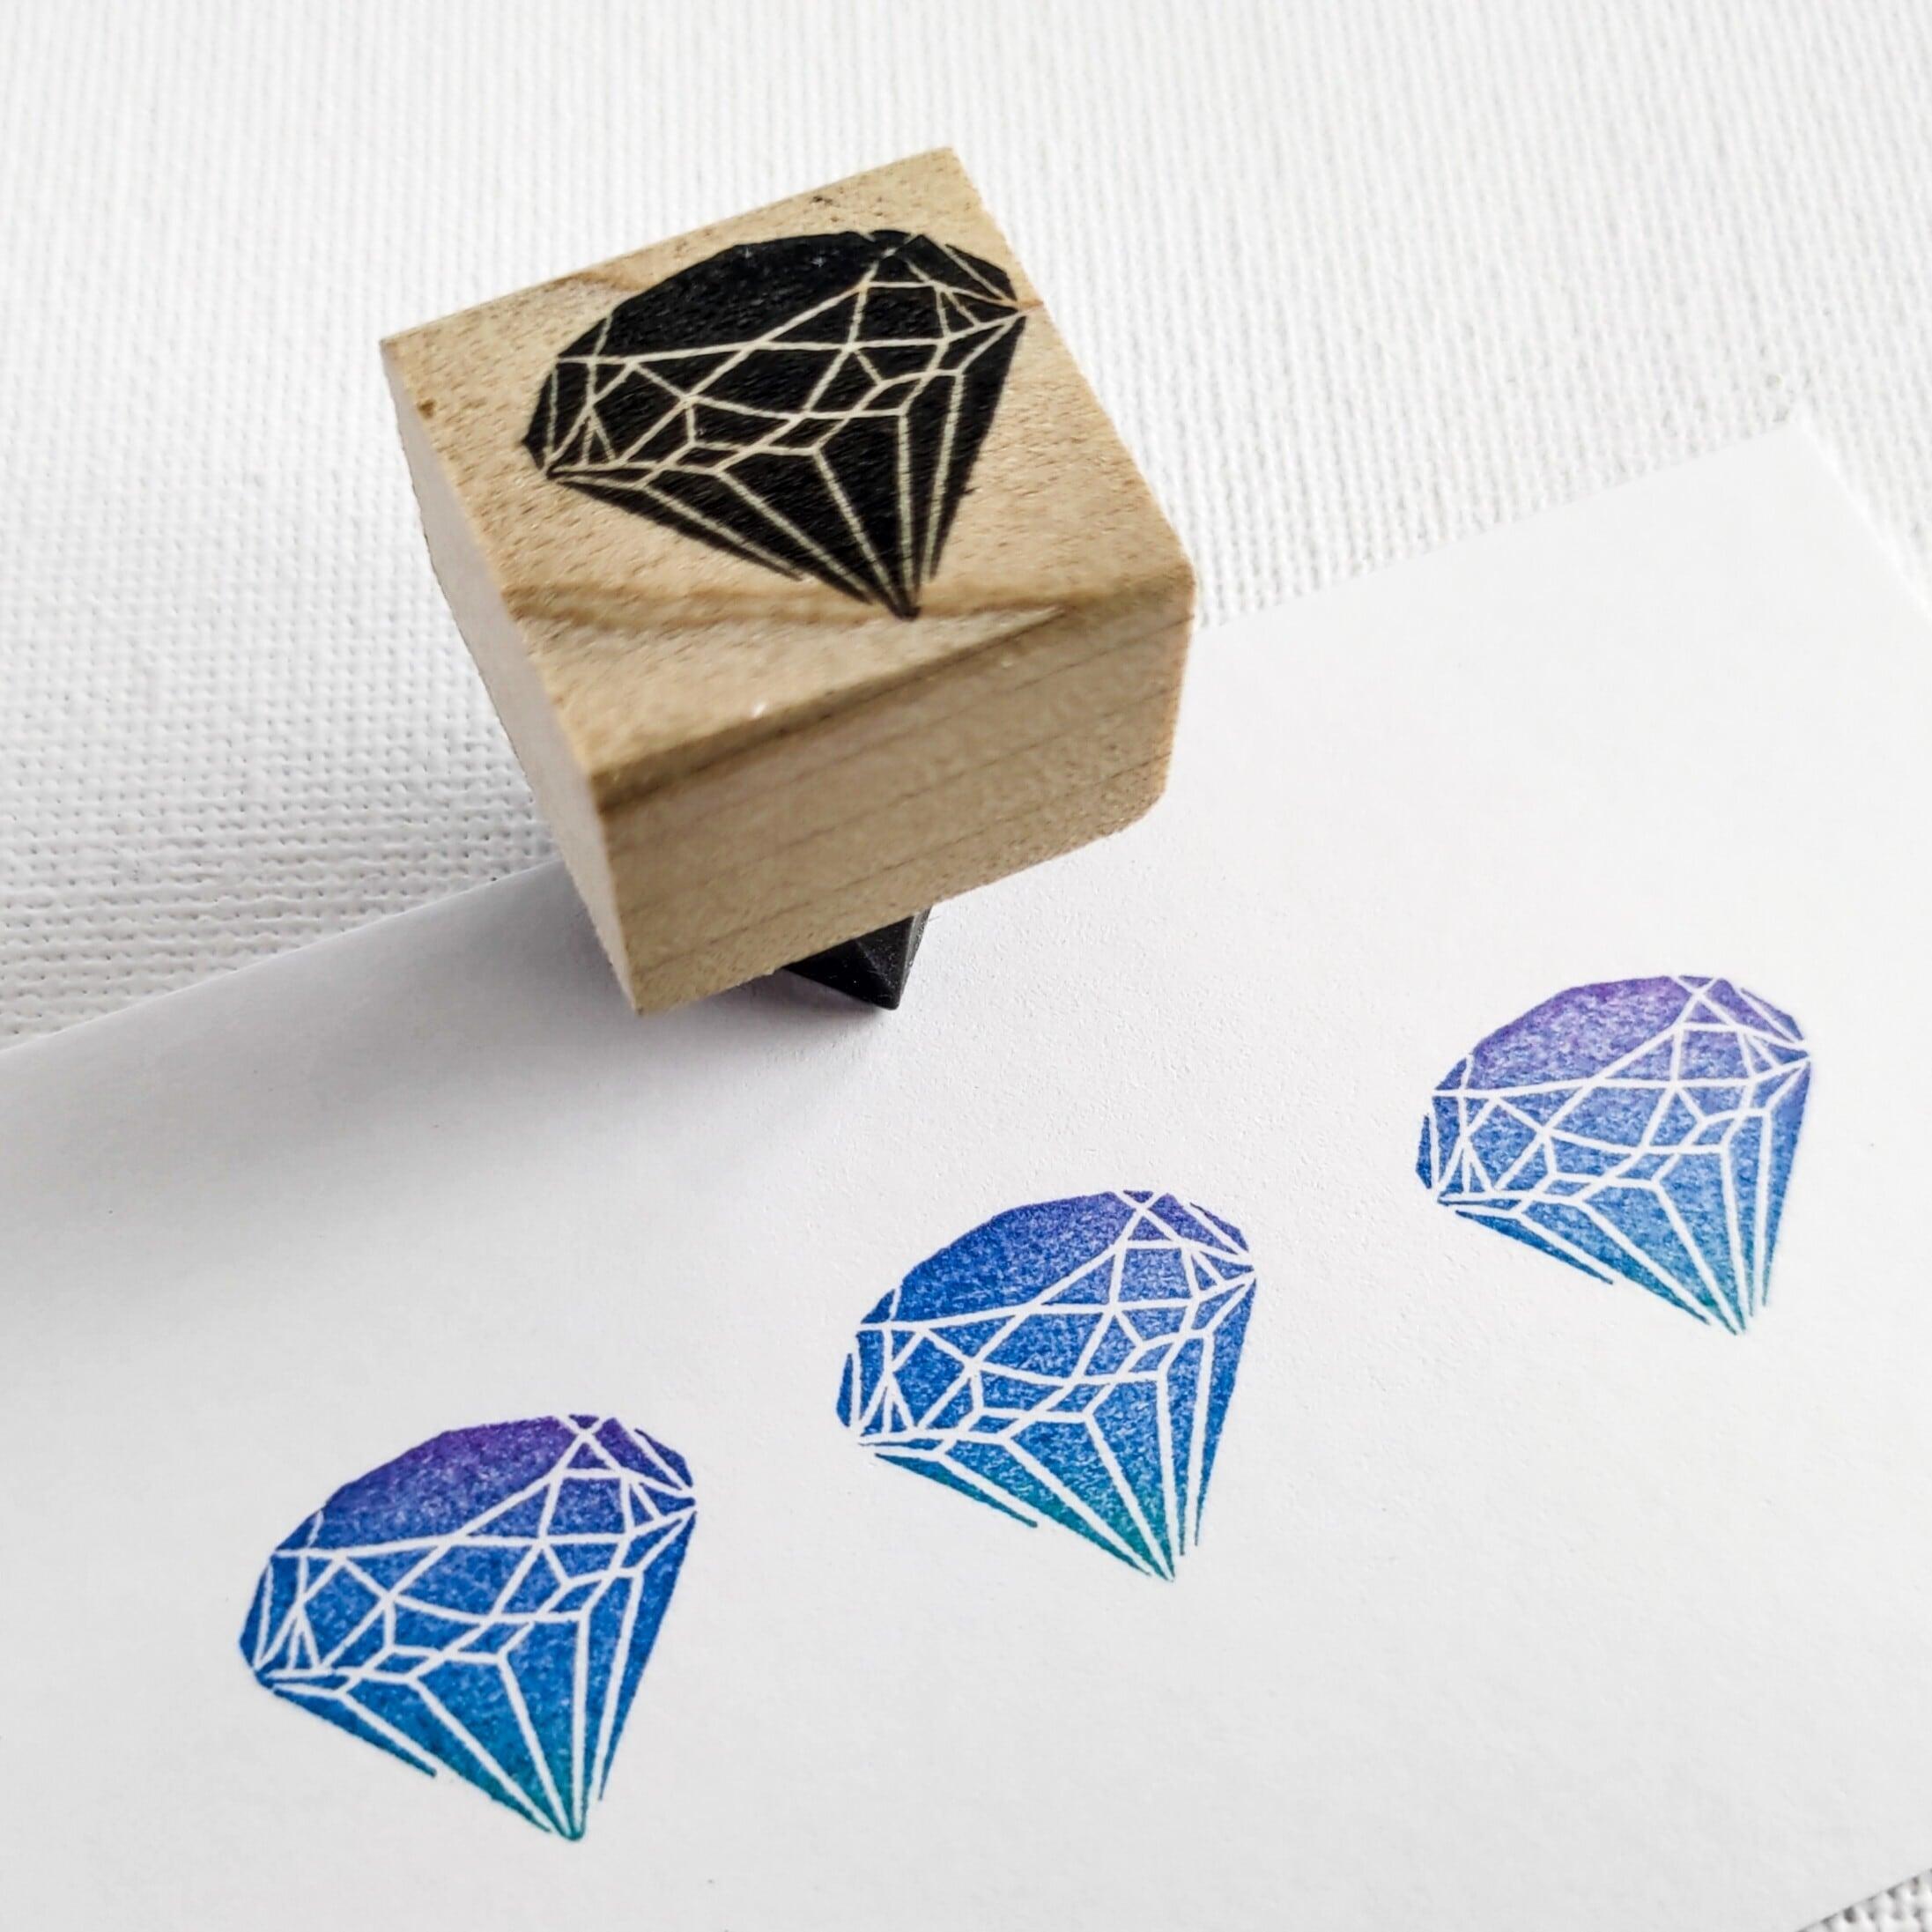 ミニダイヤモンド1